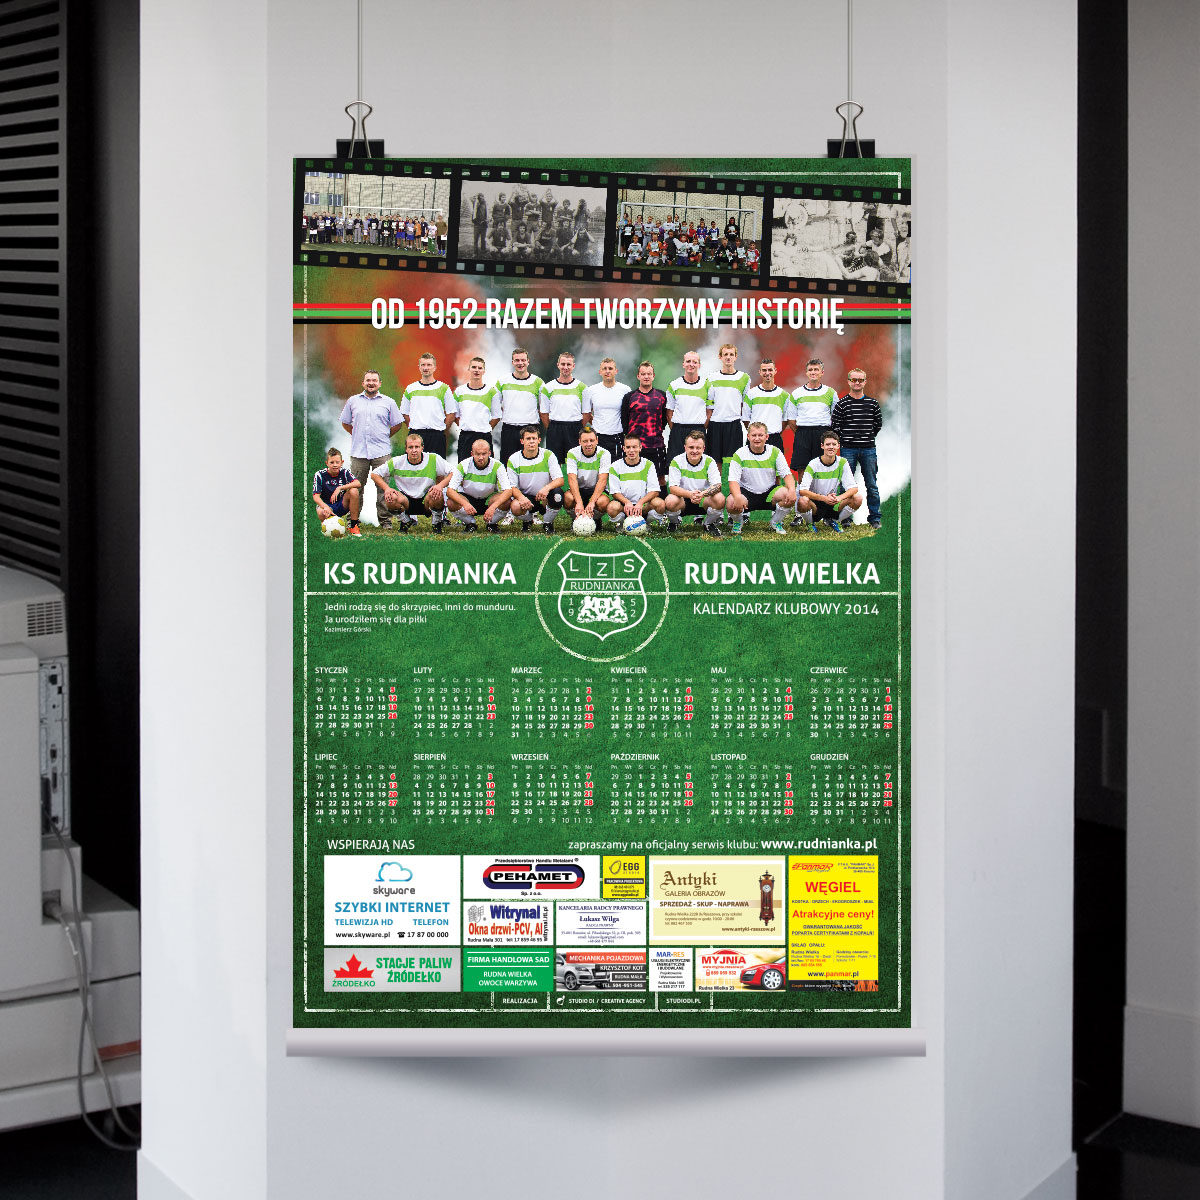 rudnianka-plakat-meczowy-sportowy-2014